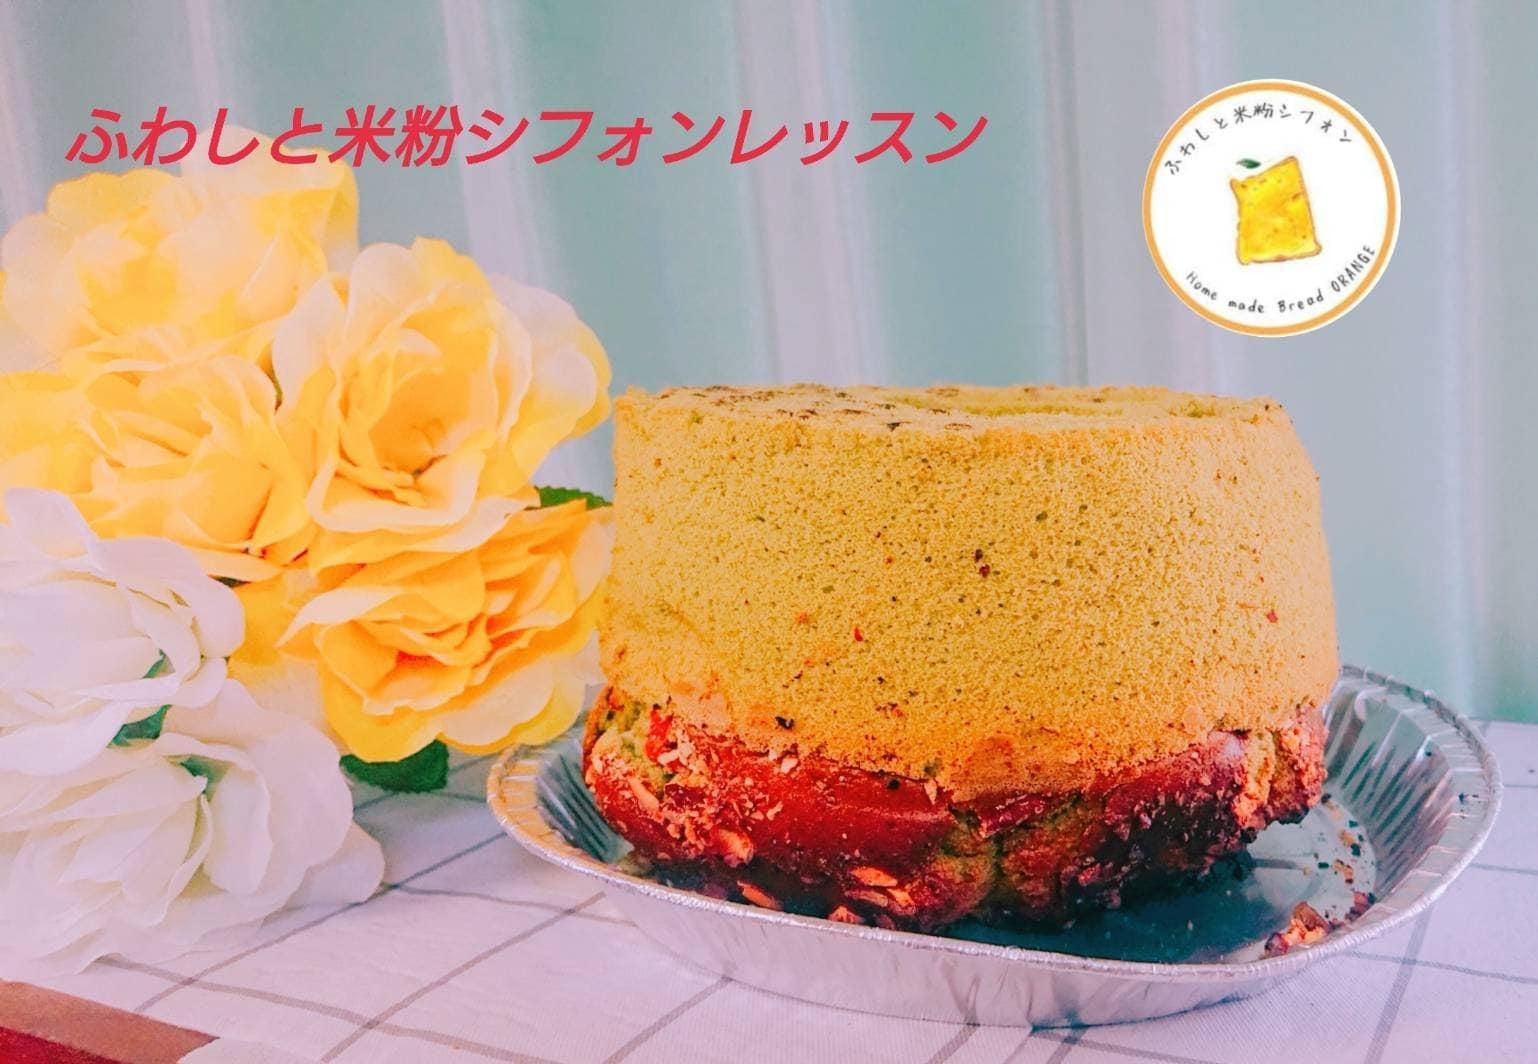 11月8日 ふわしと米粉シフォンケーキレッスンのイメージその1